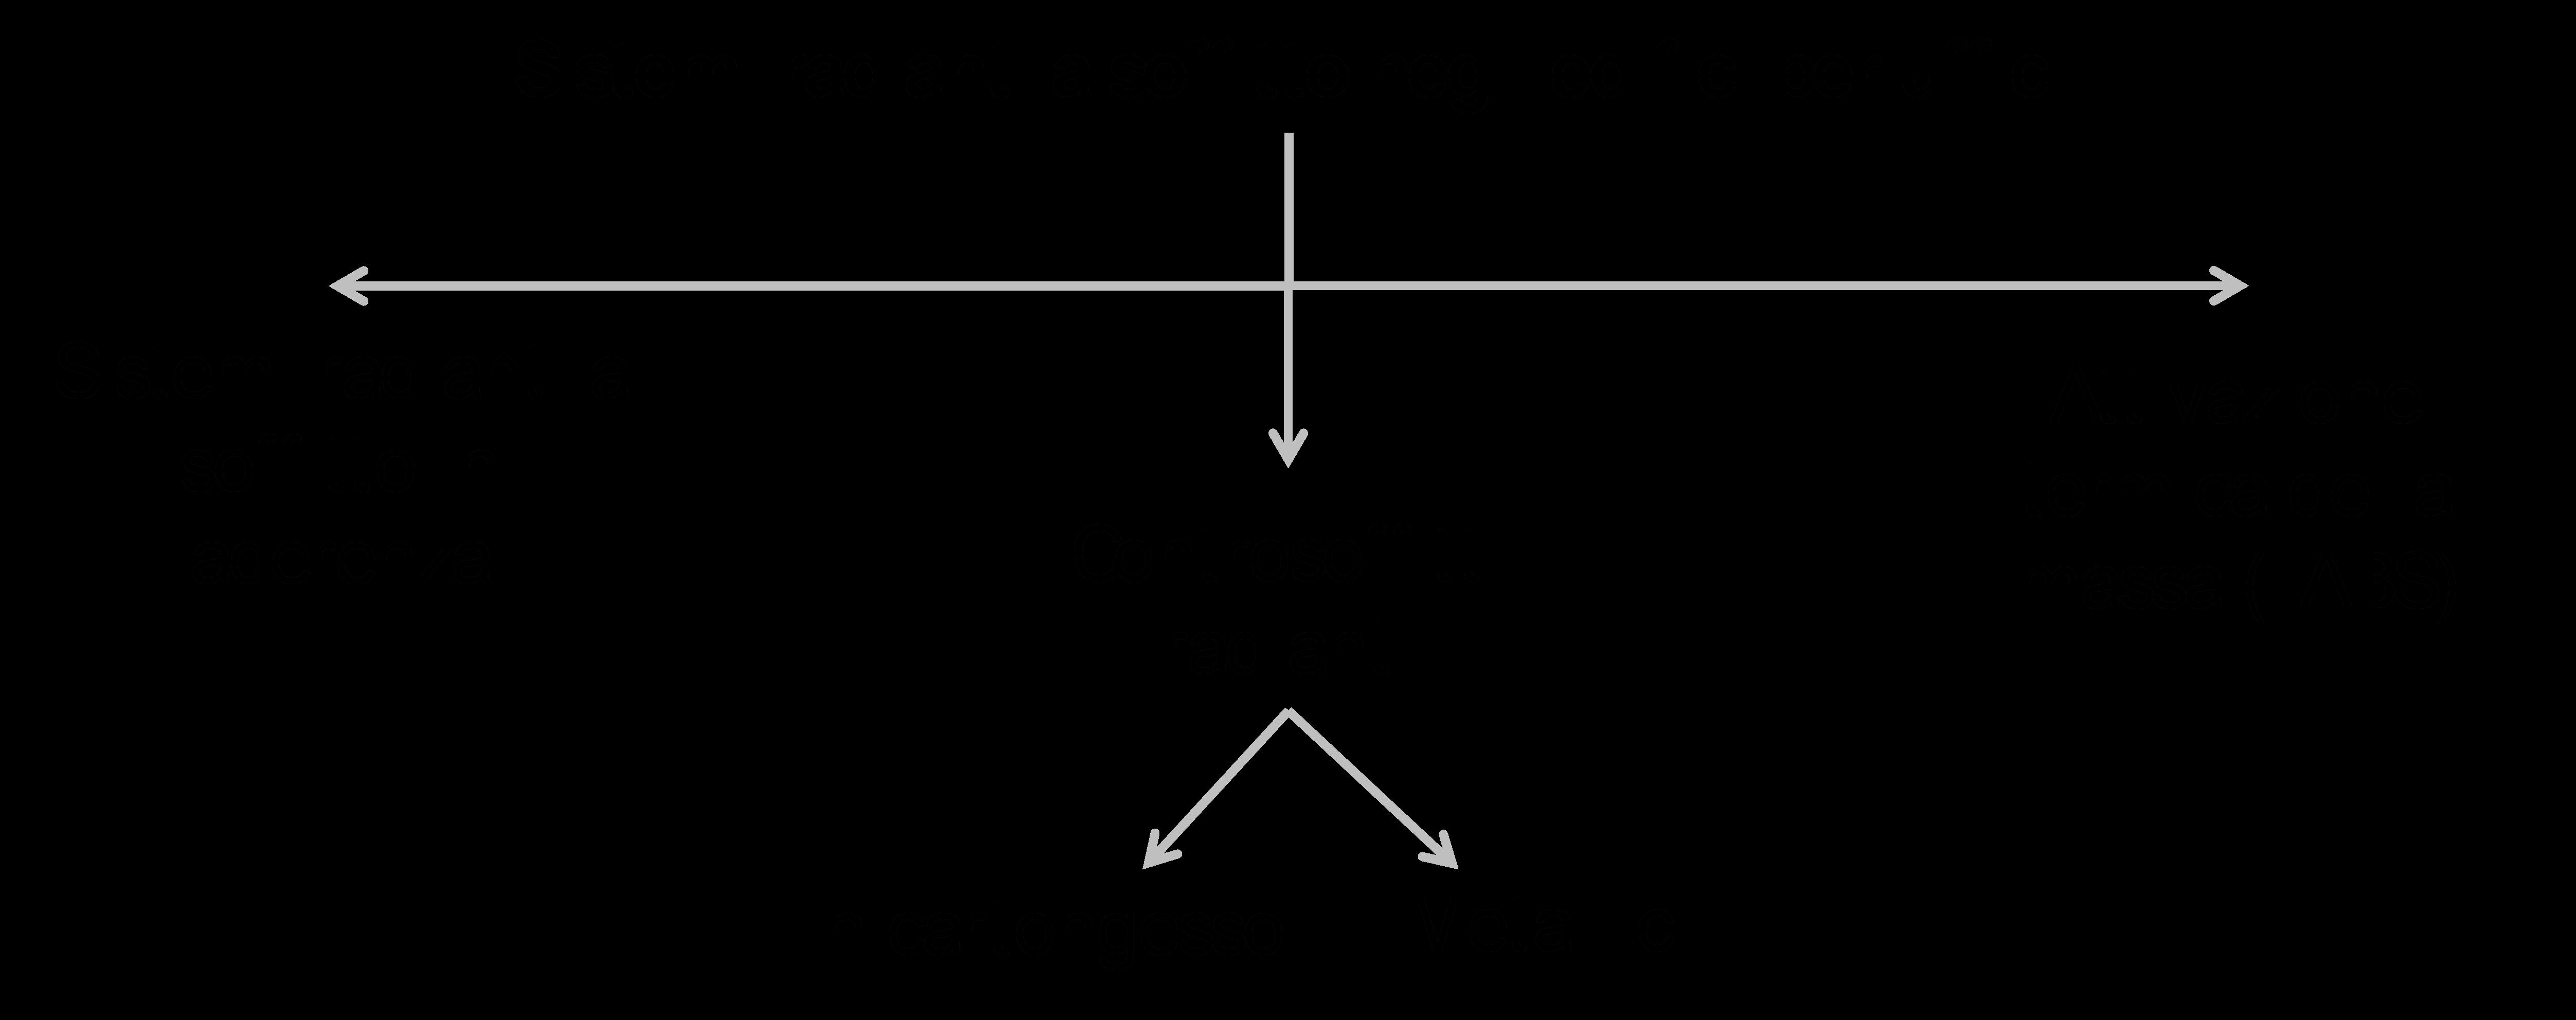 Figura 2. Tipologie di sistemi radianti idronici a soffitto per edifici del terziario